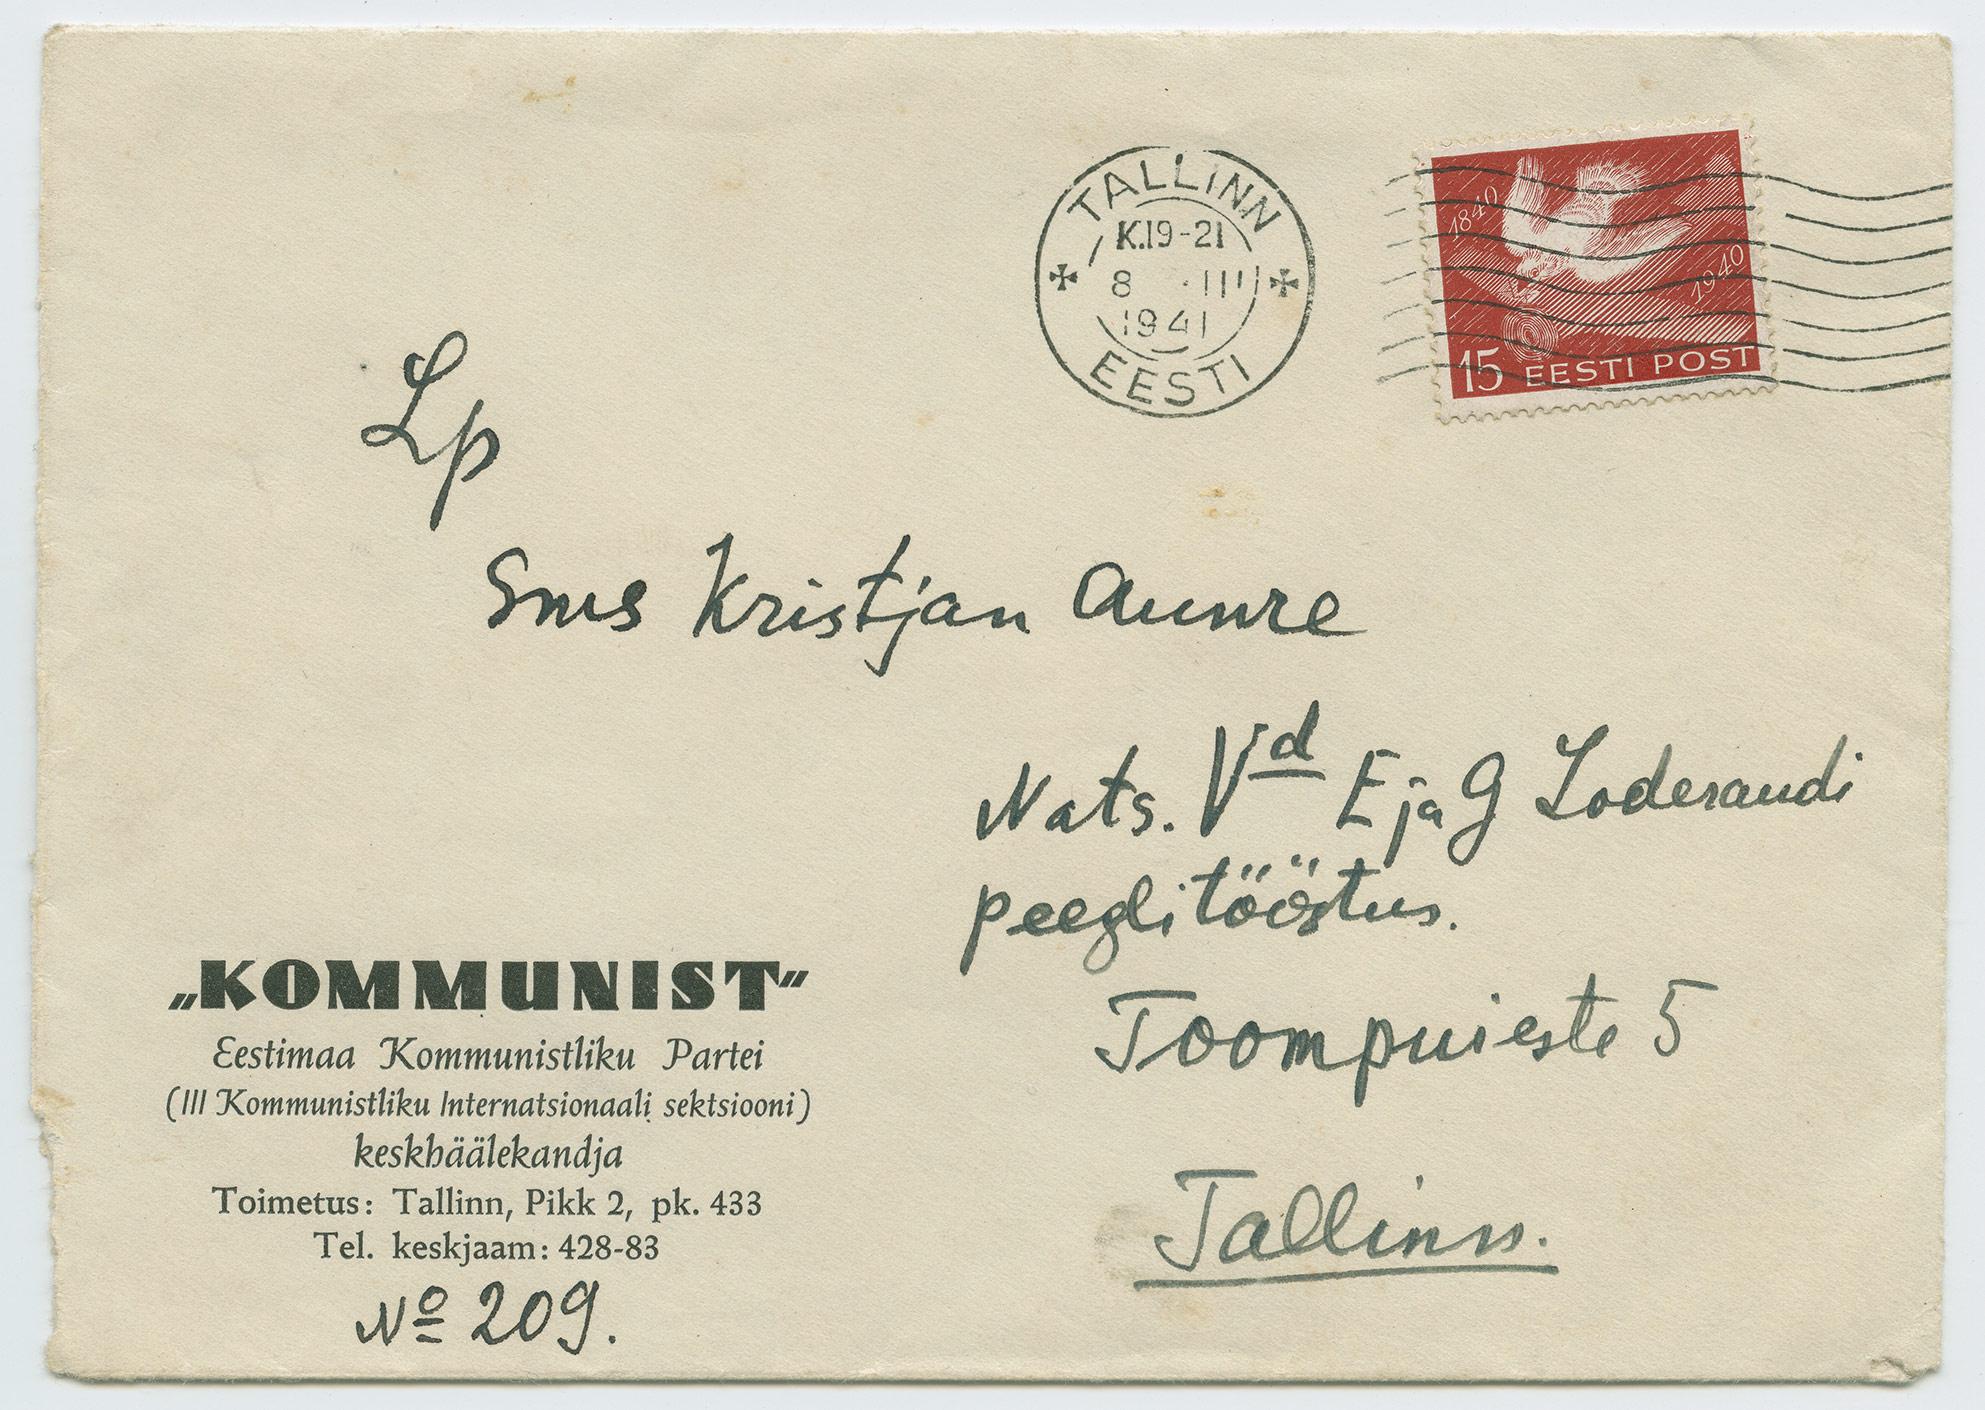 1201a-Ajaleht-Kommunist-Tallinn-Loderandi-peeglitööstus-postituvi-1941-postiajalugu-ee